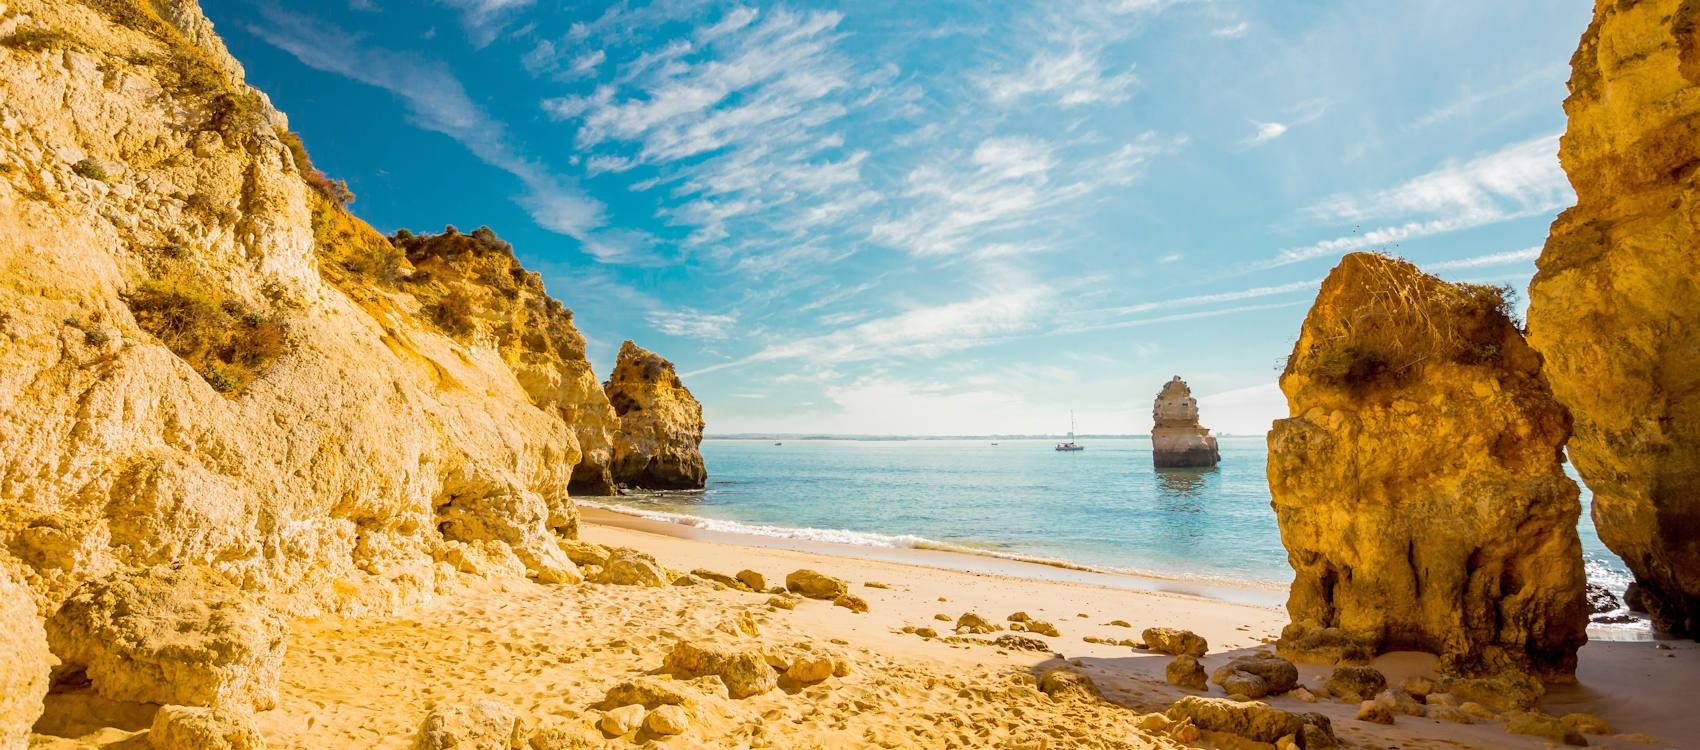 Portugal, Praia da Camilo